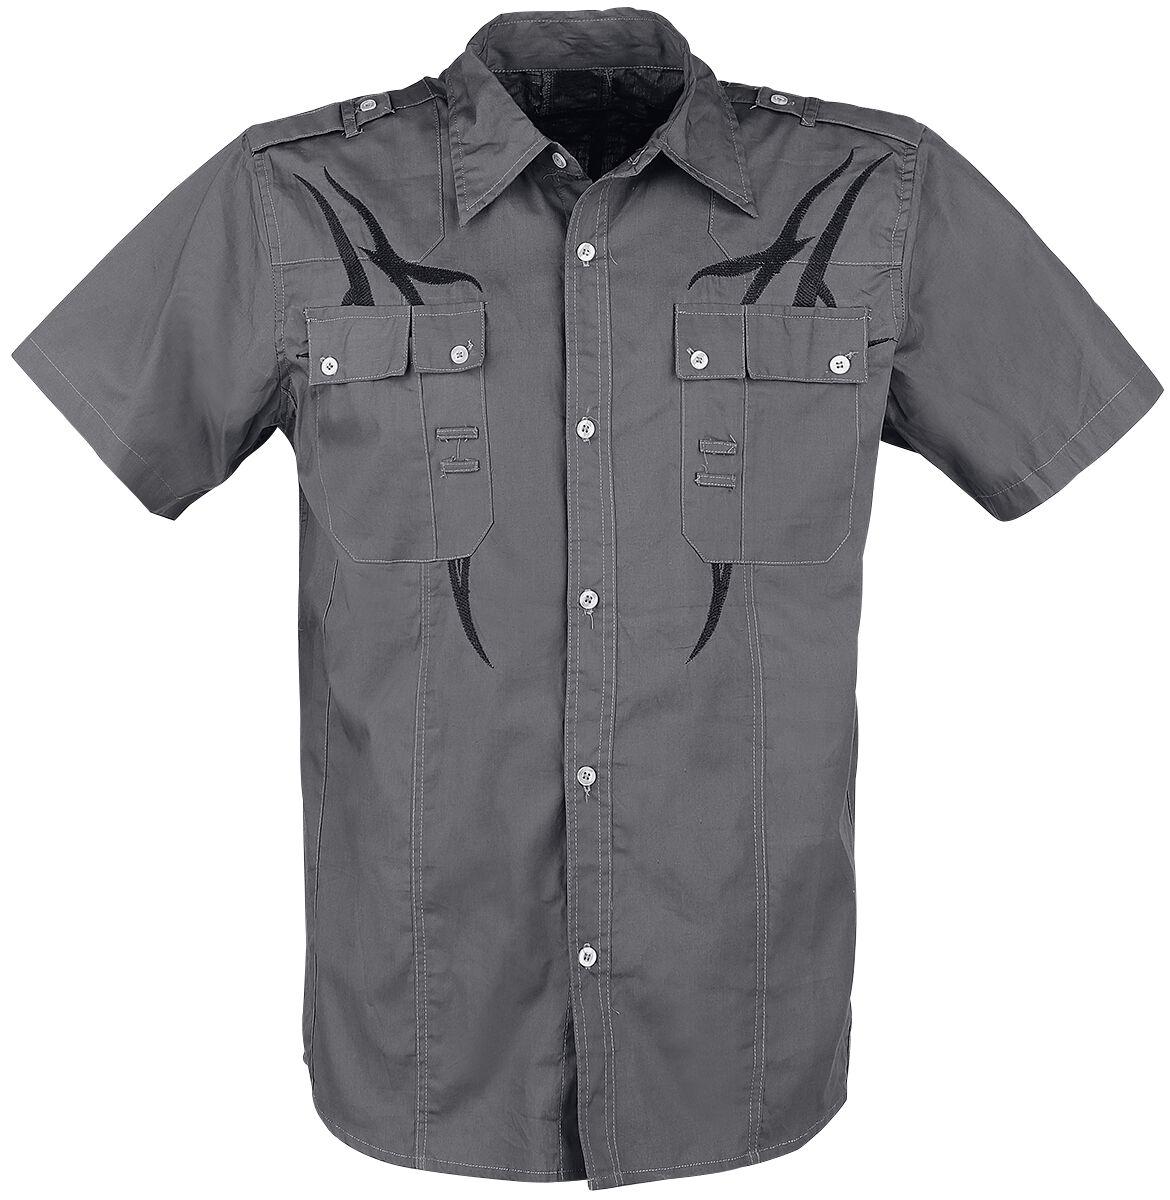 Marki - Koszule z krótkim rękawem - Workershirt Doomsday Tribal Shirt Workershirt szary/czarny - 342975